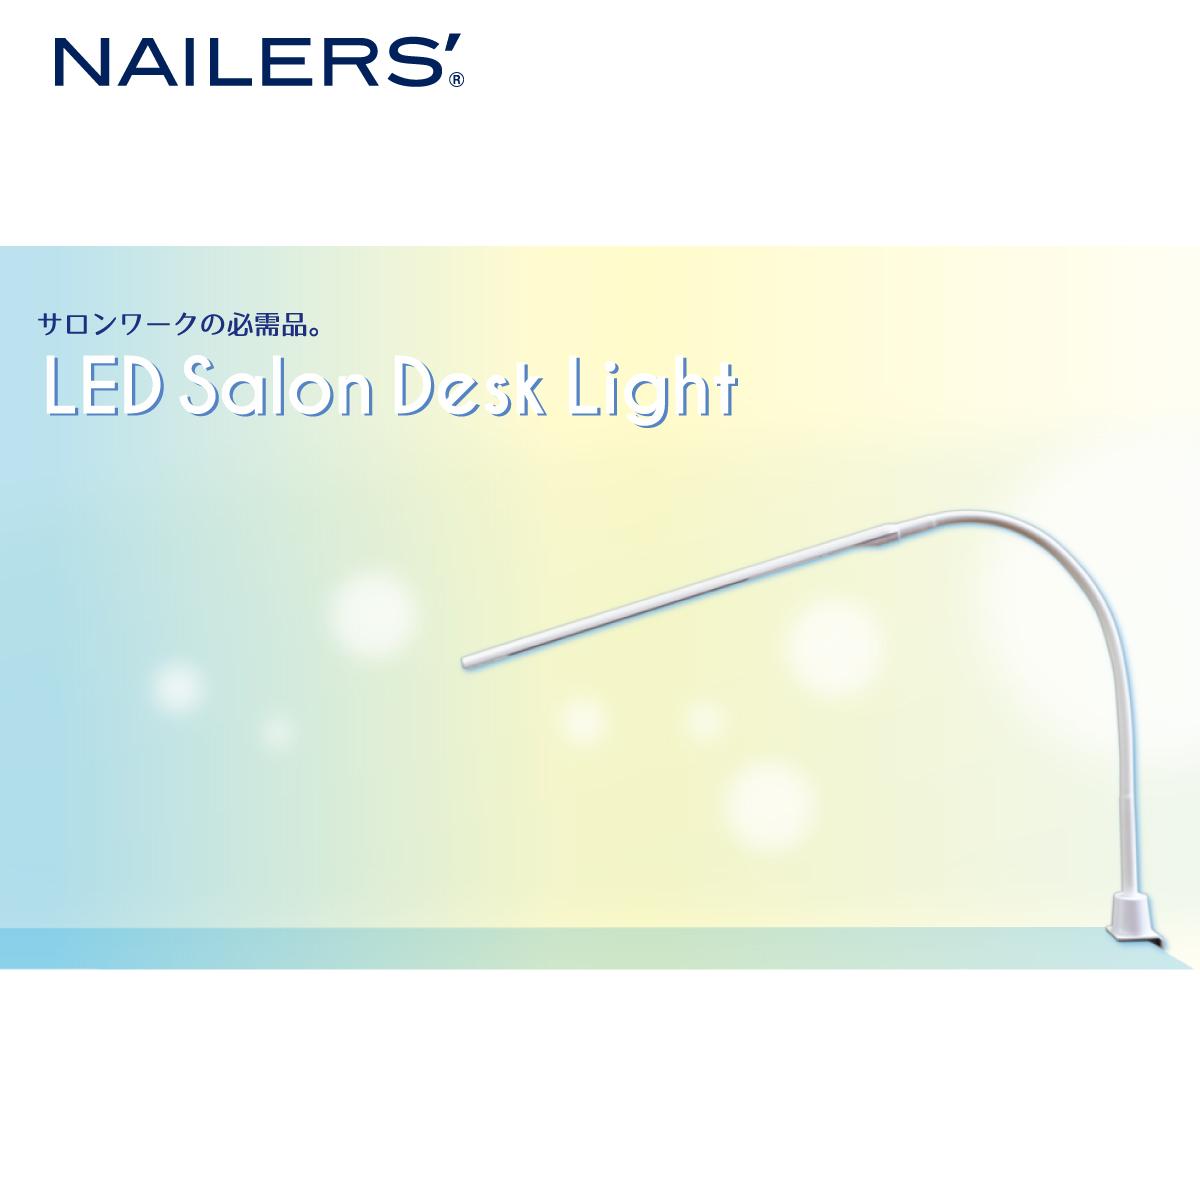 NAILERS' サロンデスクライト画像